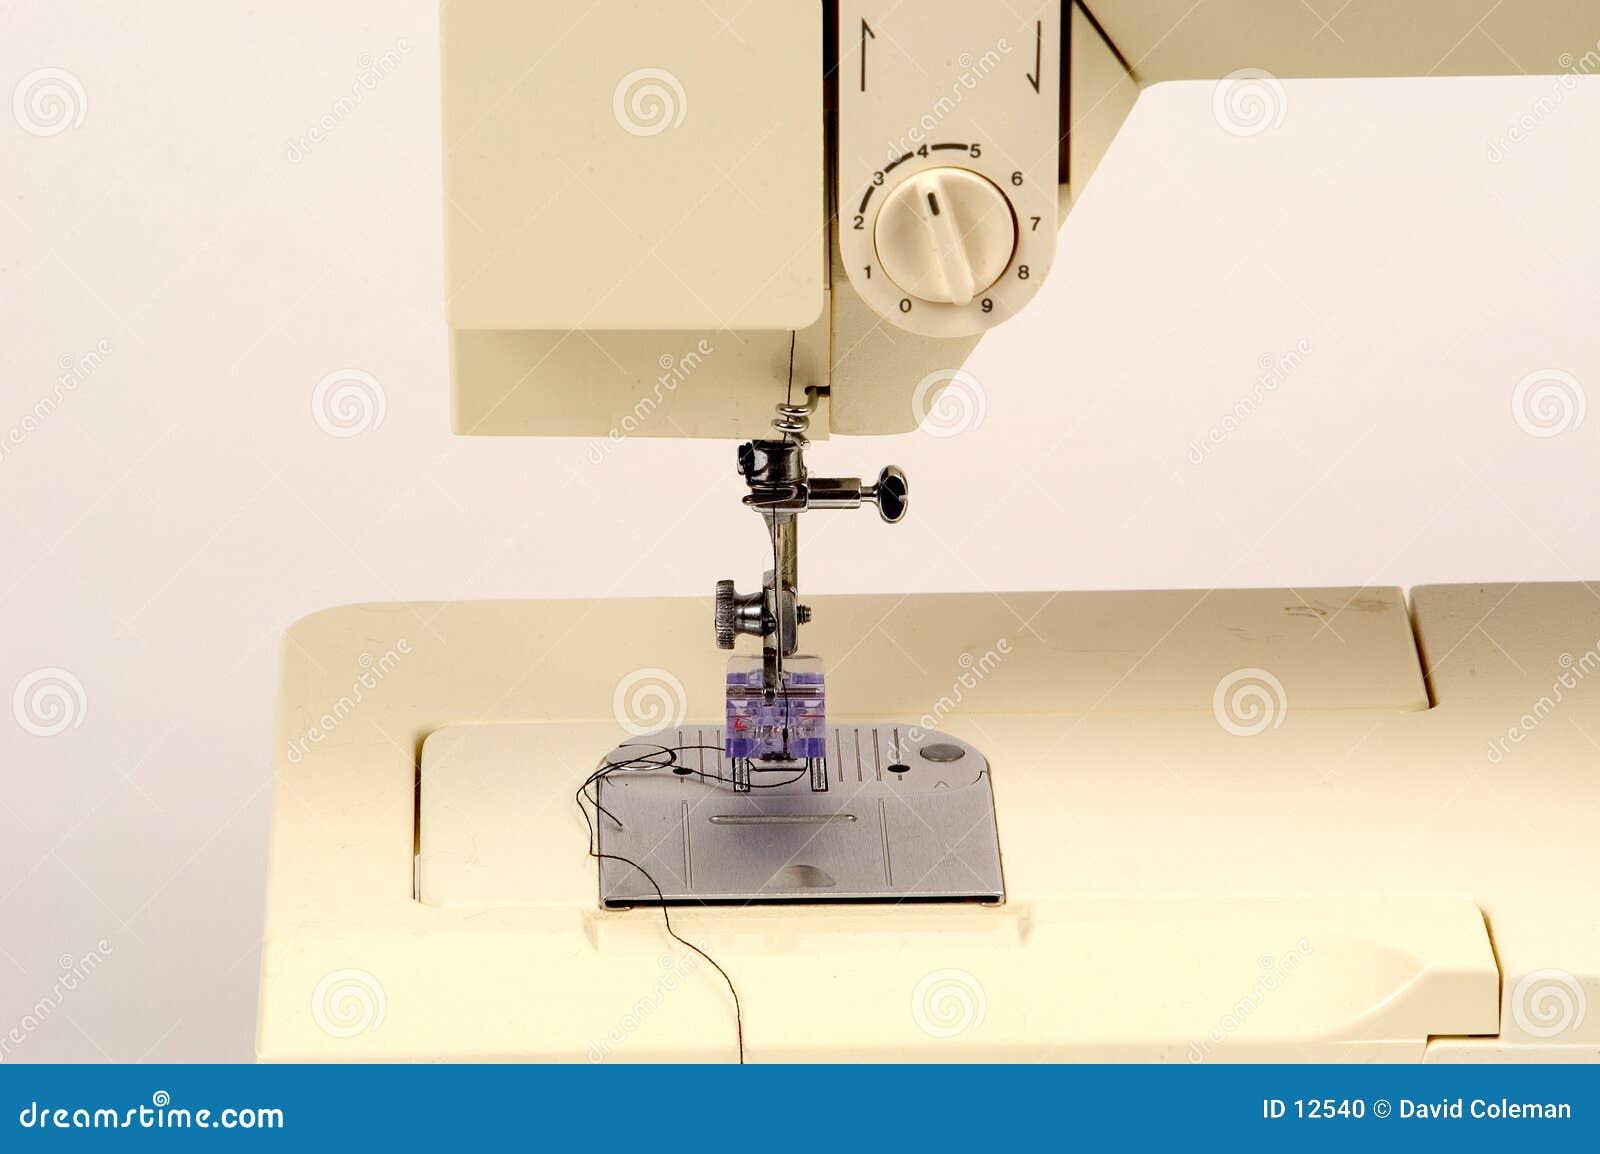 Détail de machine à coudre